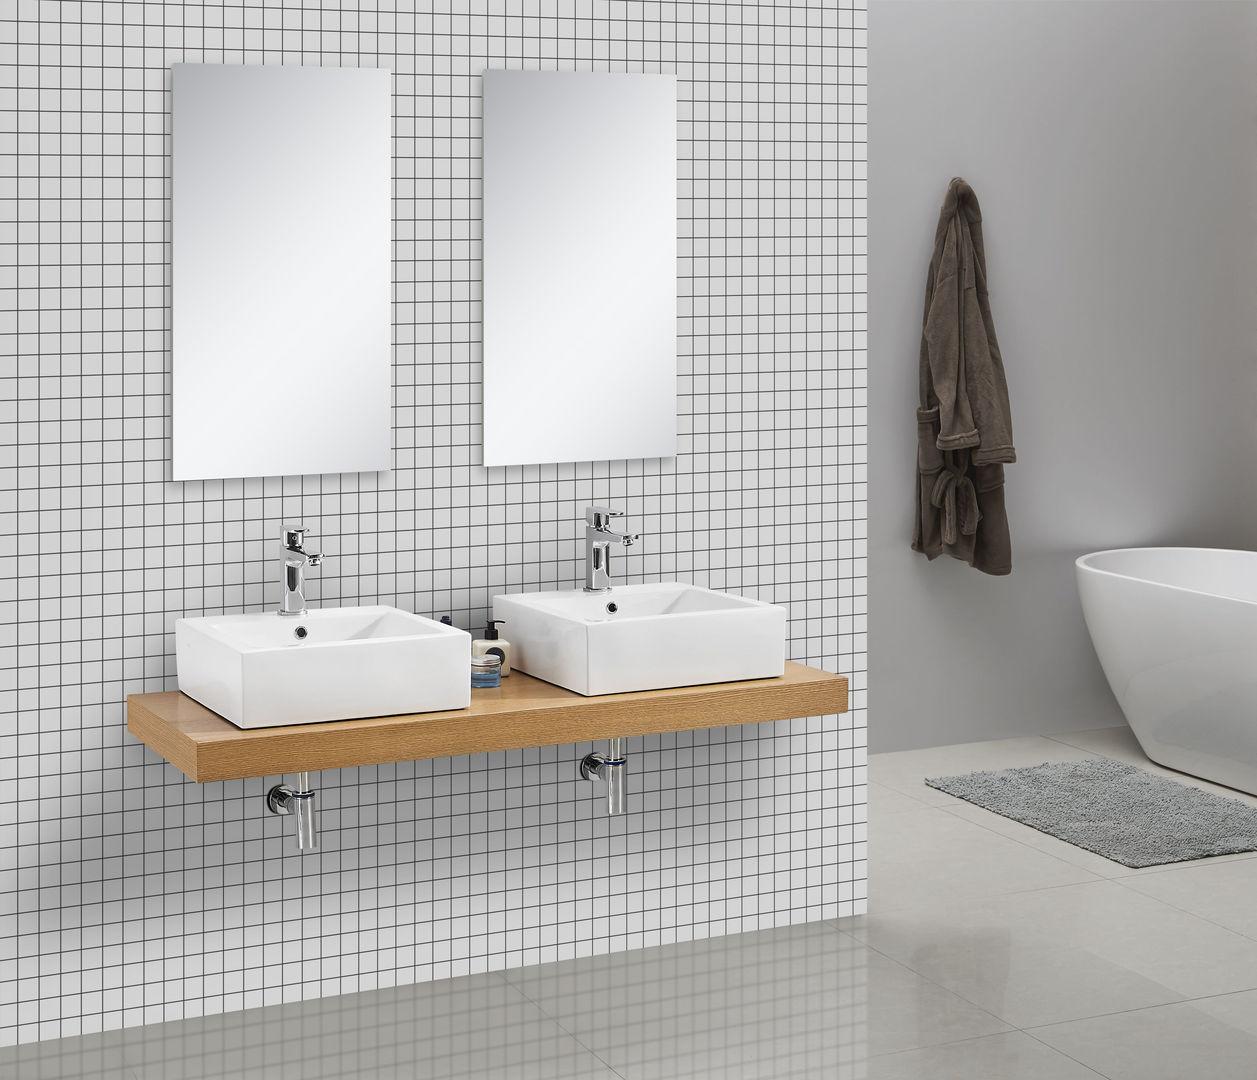 Waschtischkonsole CADENA 150 x 50 cm, Echtholz (Eiche)